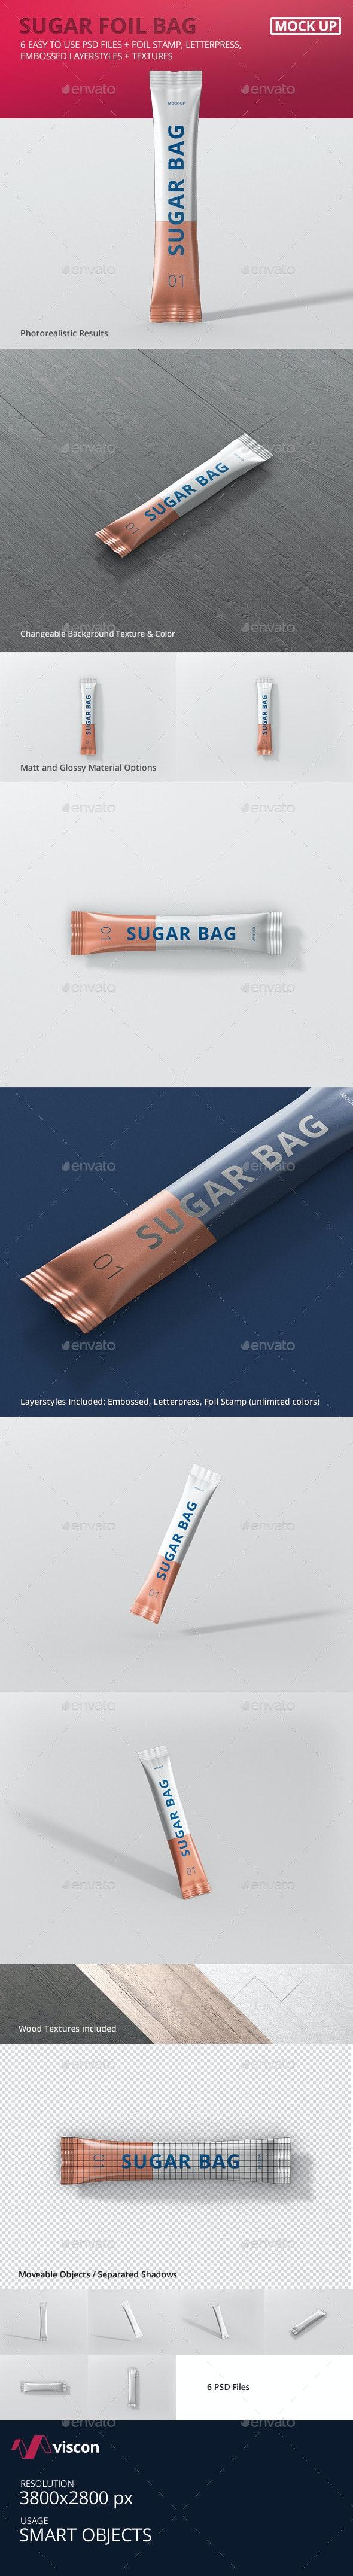 Sugar Bag Mockup - Food and Drink Packaging